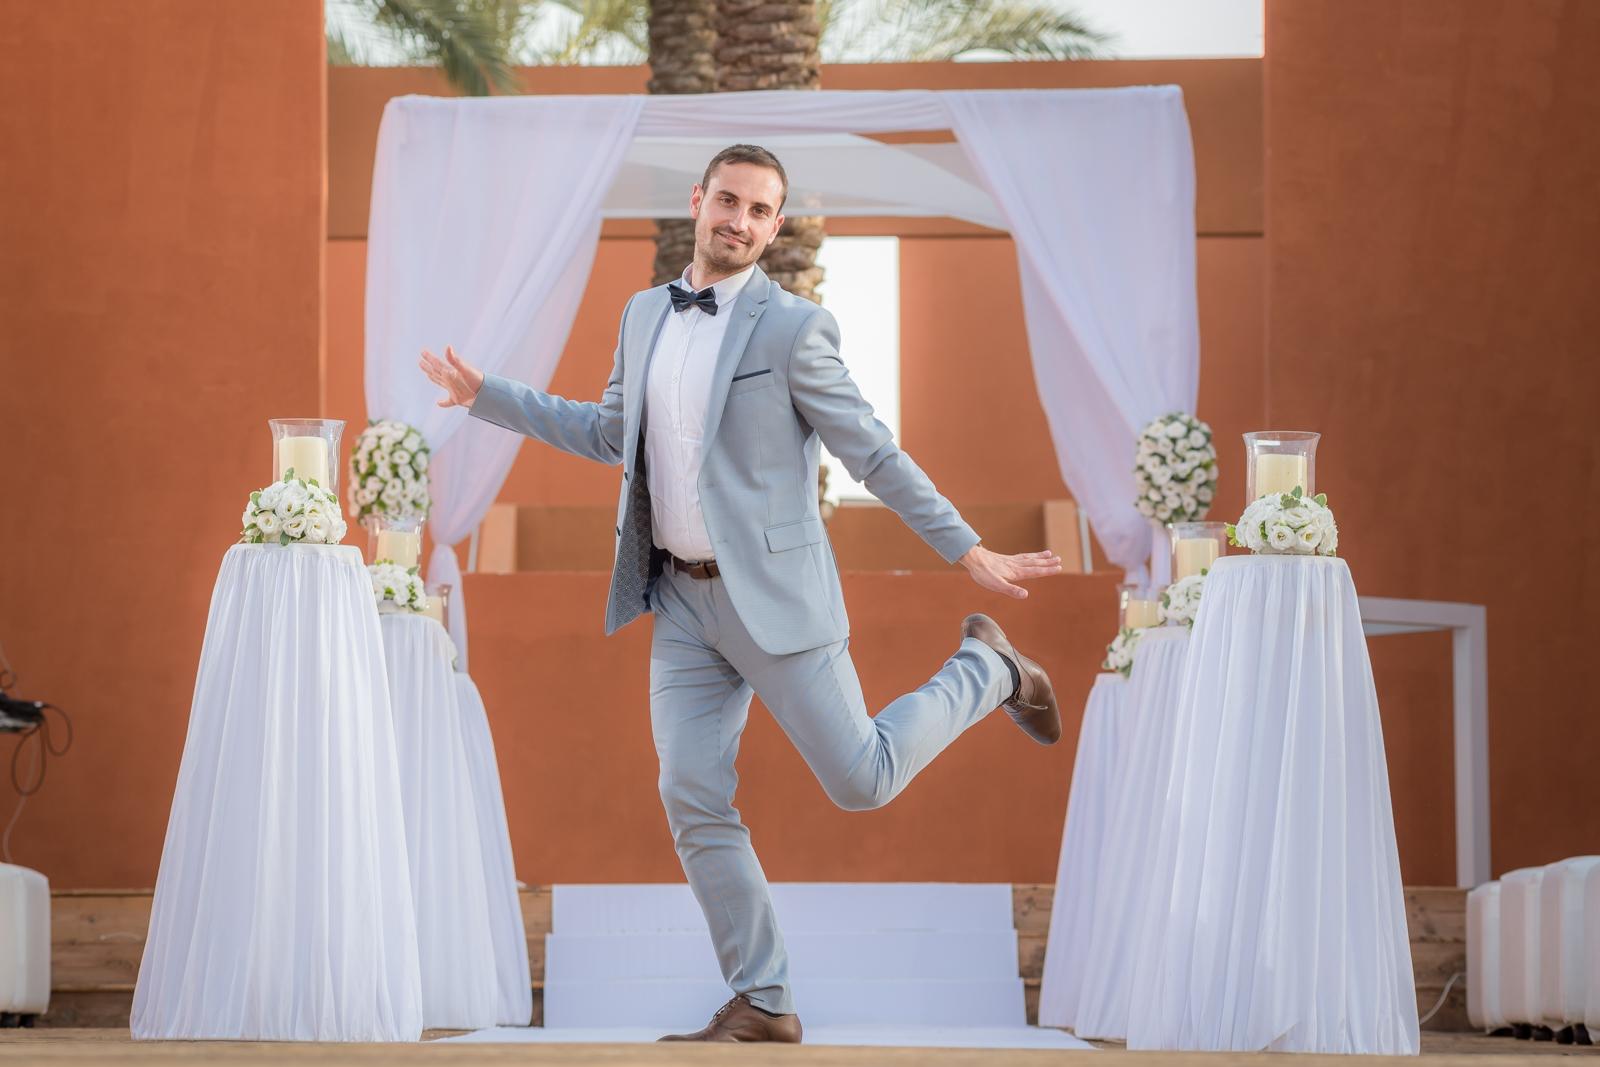 צלם לחתונה צילום חתונה-1013.jpg